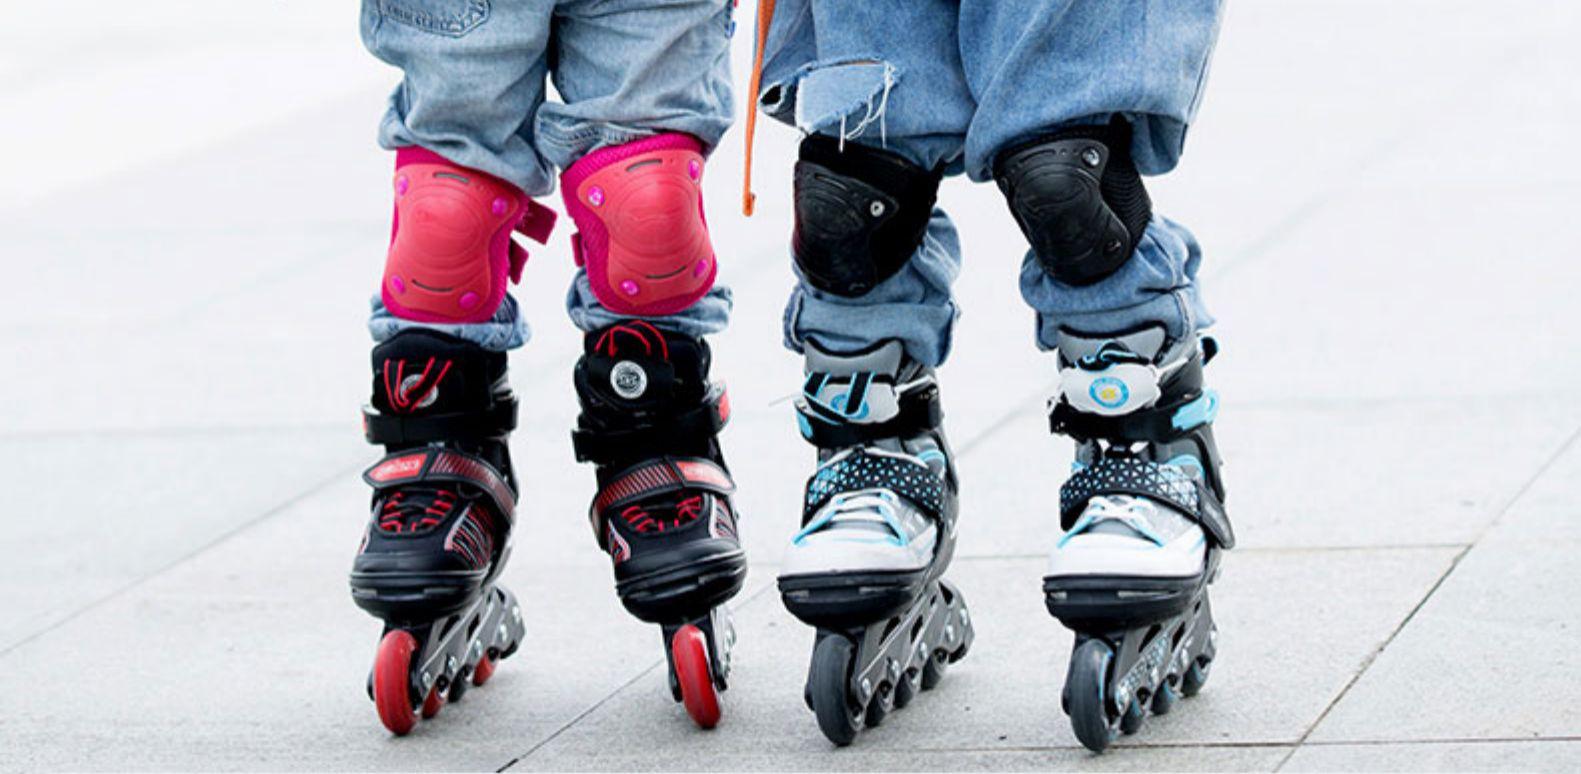 欧标GS认证 Solex 儿童初学 直排轮滑鞋 长宽双向调节 图2